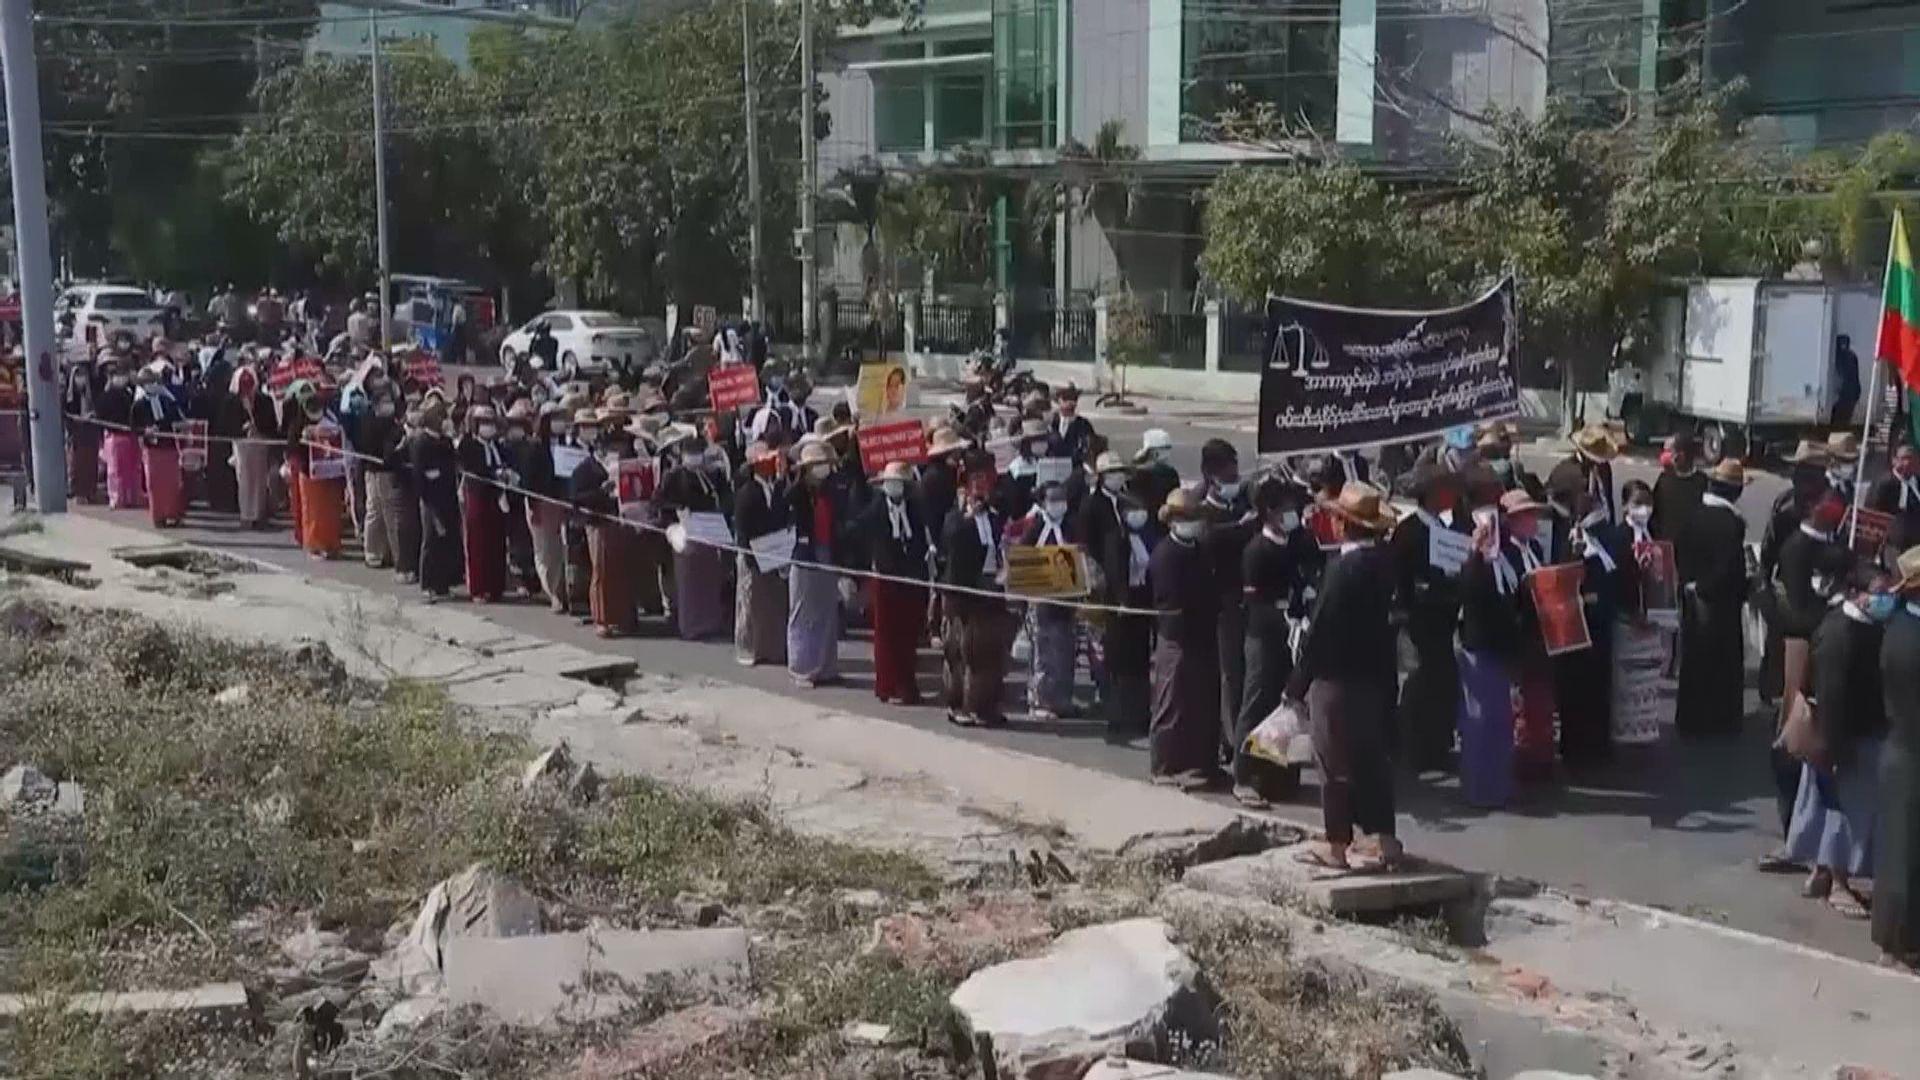 緬甸抗議軍事政變示威持續 軍方恢復須通報訪客過夜留宿